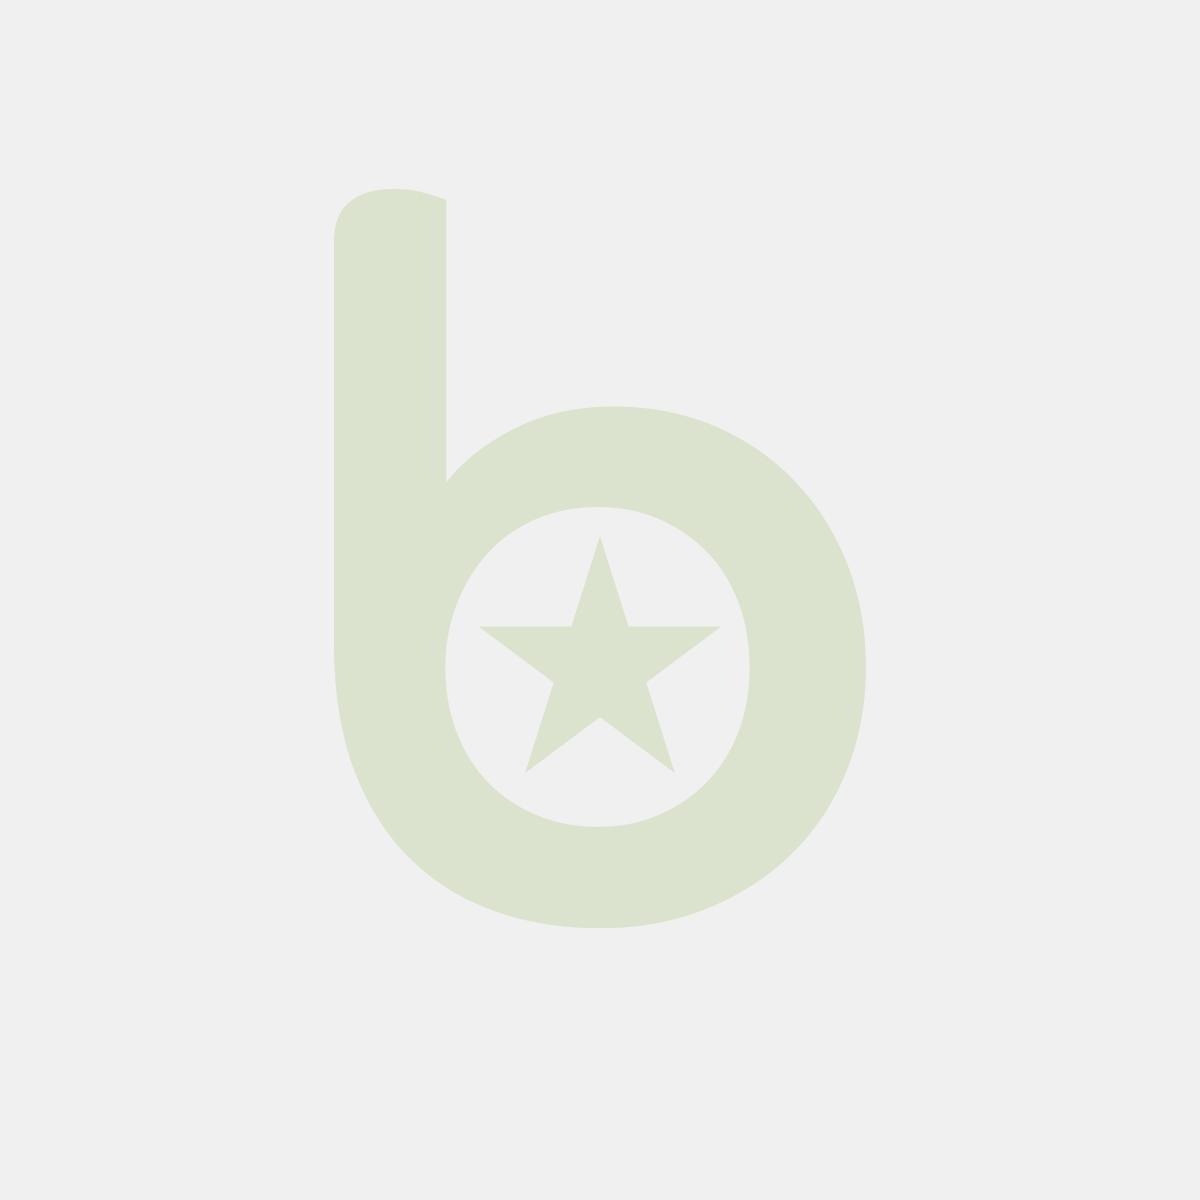 Witryna grzewcza pojedyncza - kod 273982